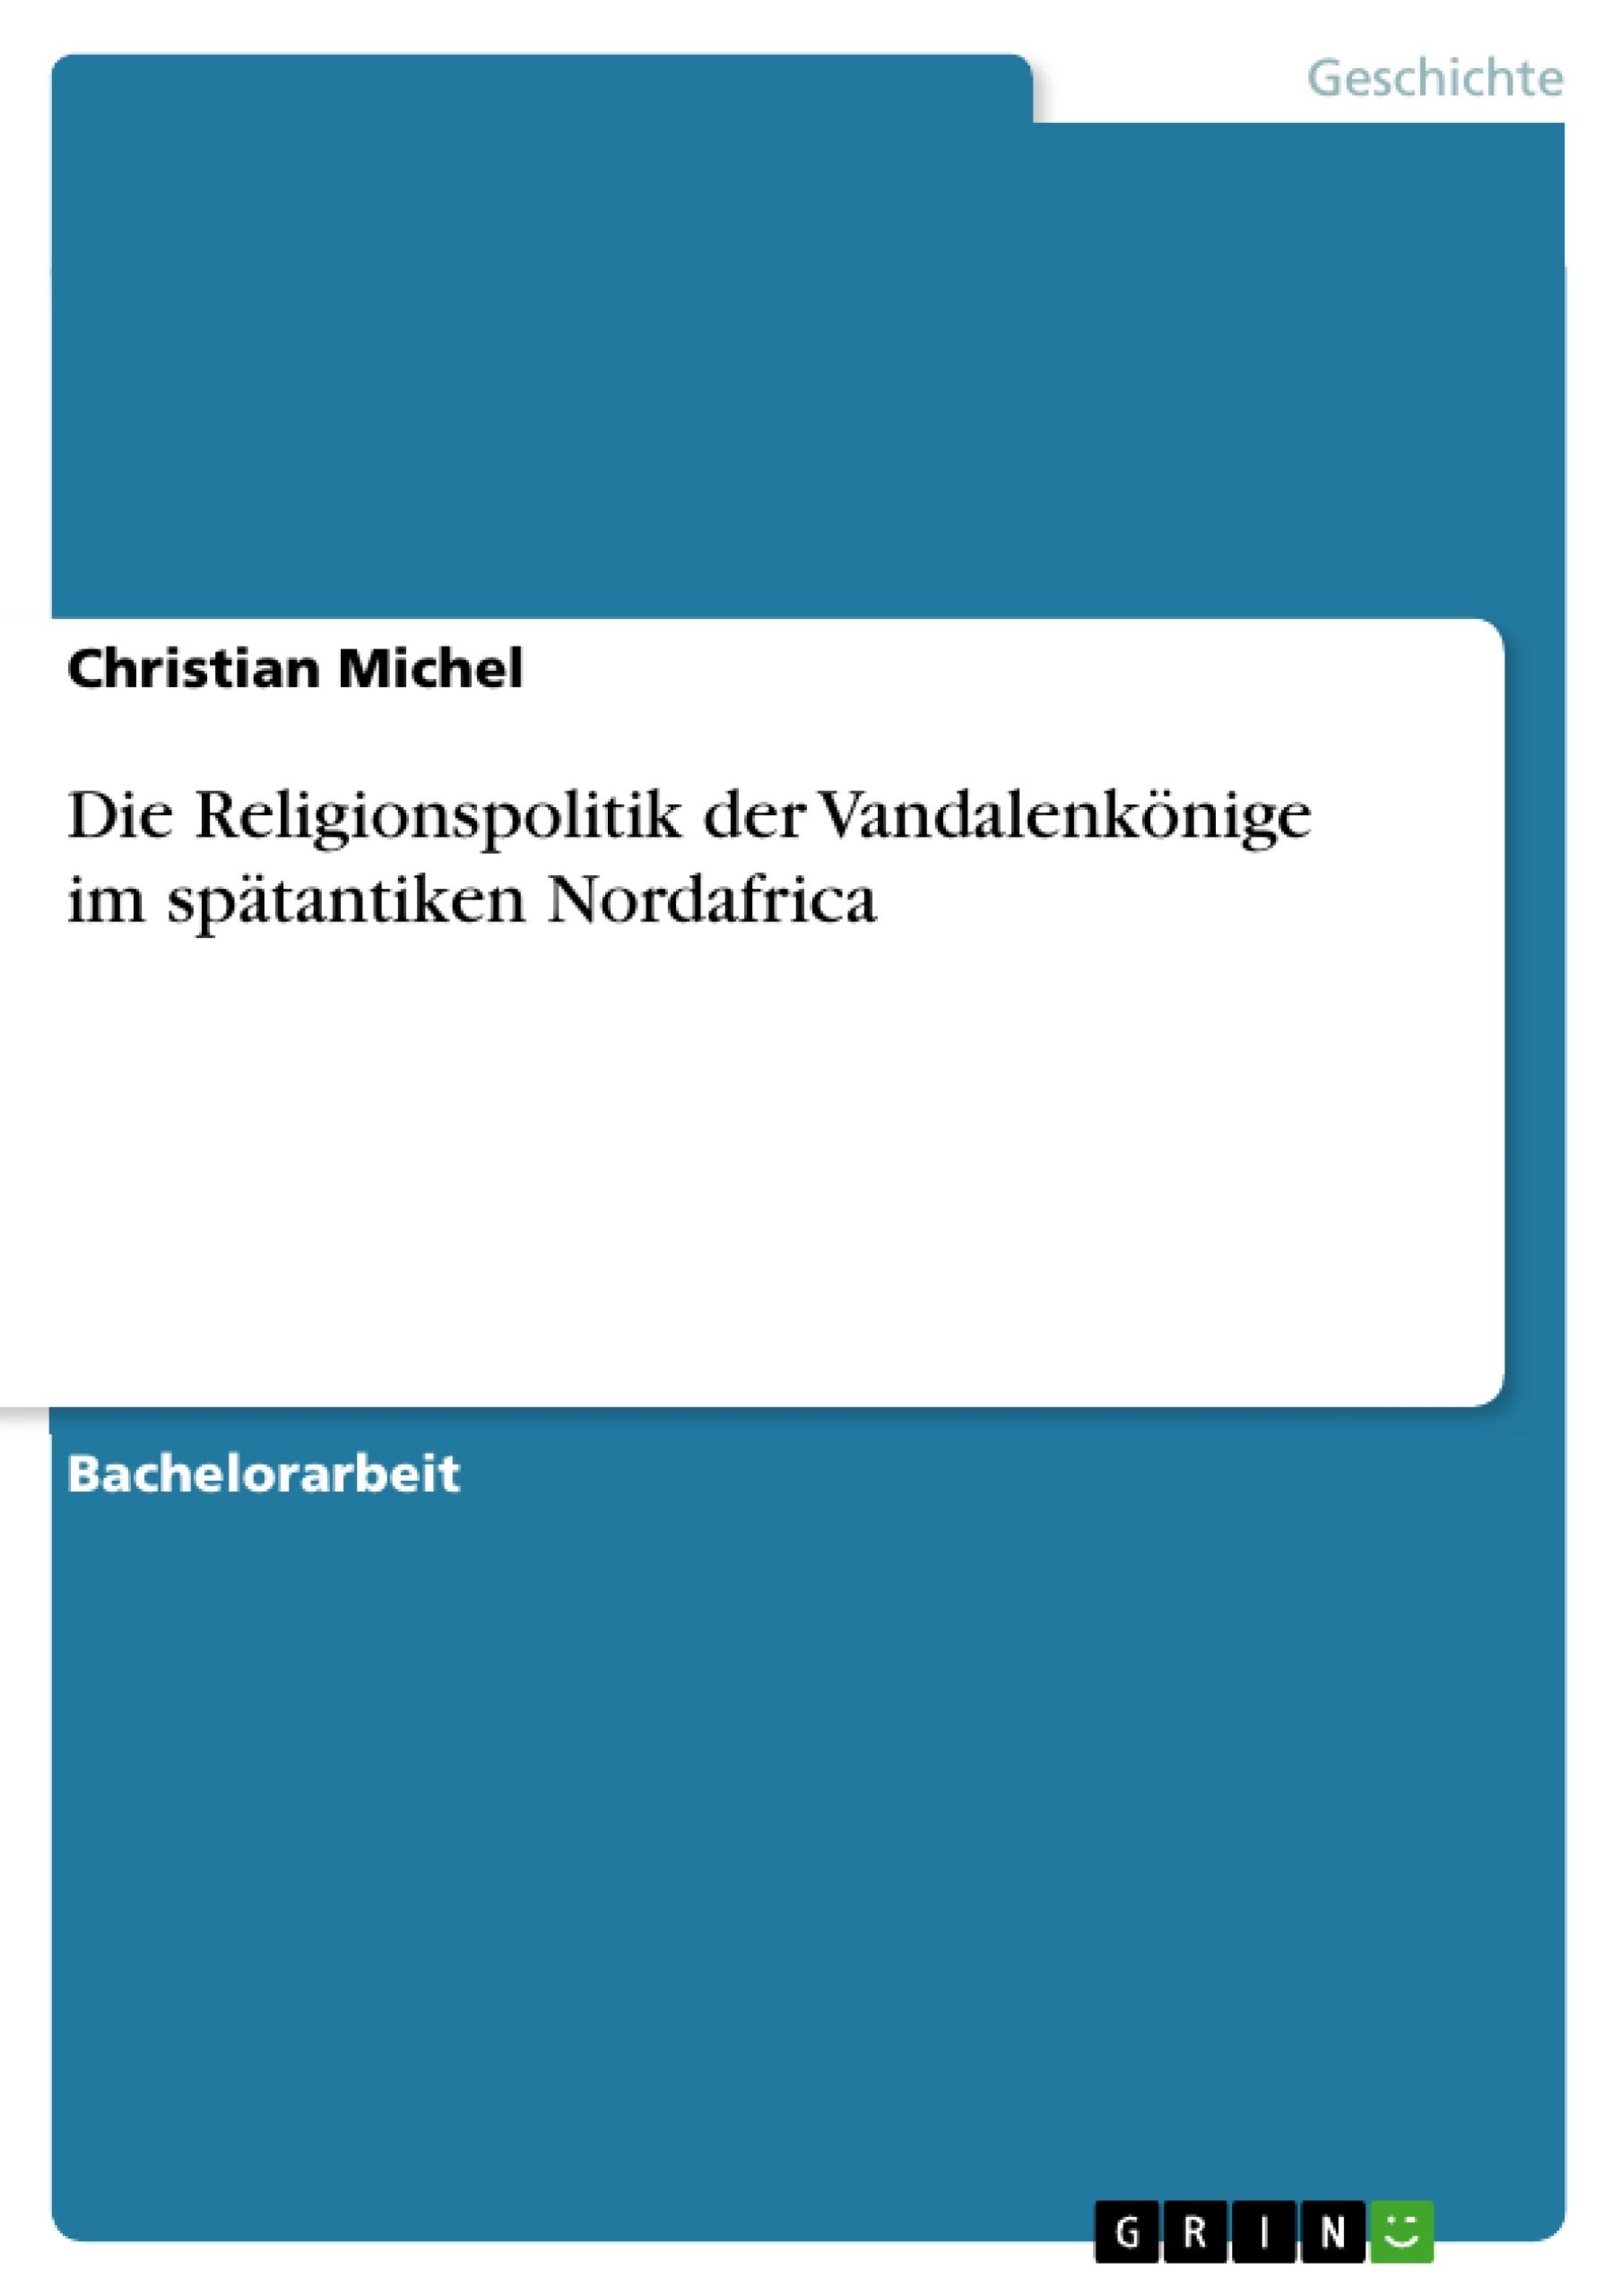 Titel: Die Religionspolitik der Vandalenkönige im spätantiken Nordafrica